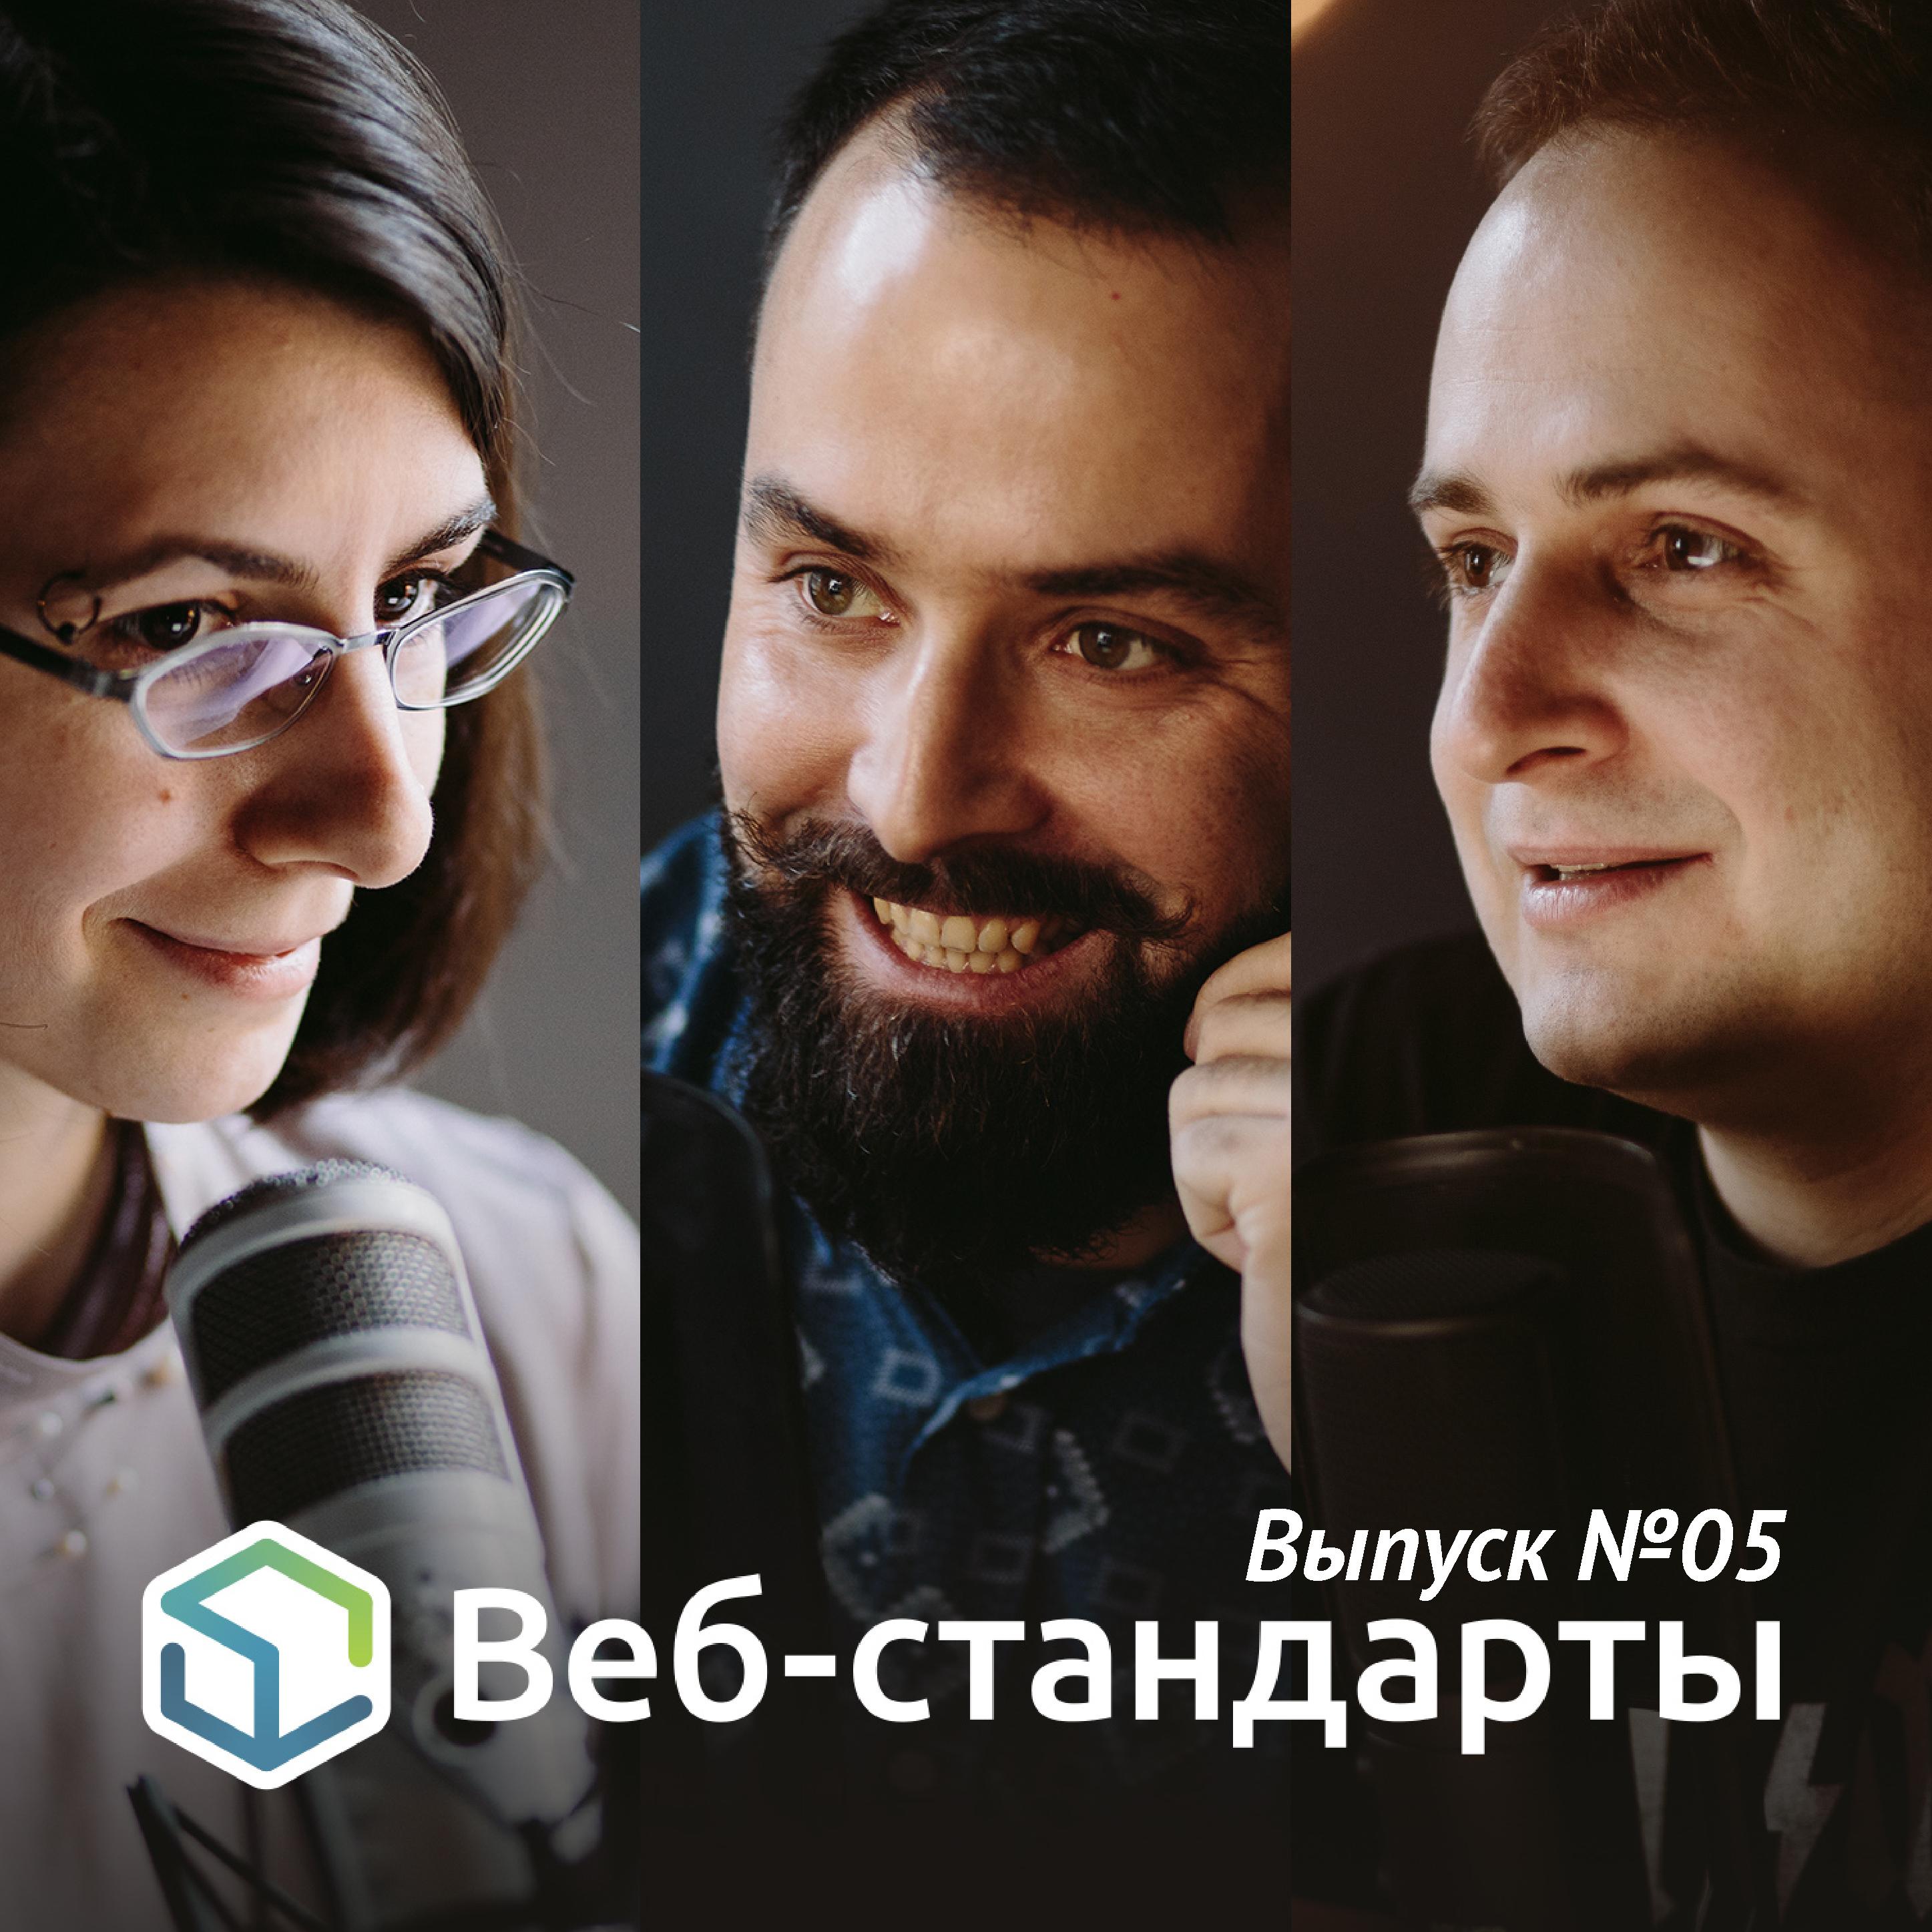 Алексей Симоненко Выпуск №05 алексей симоненко выпуск 67